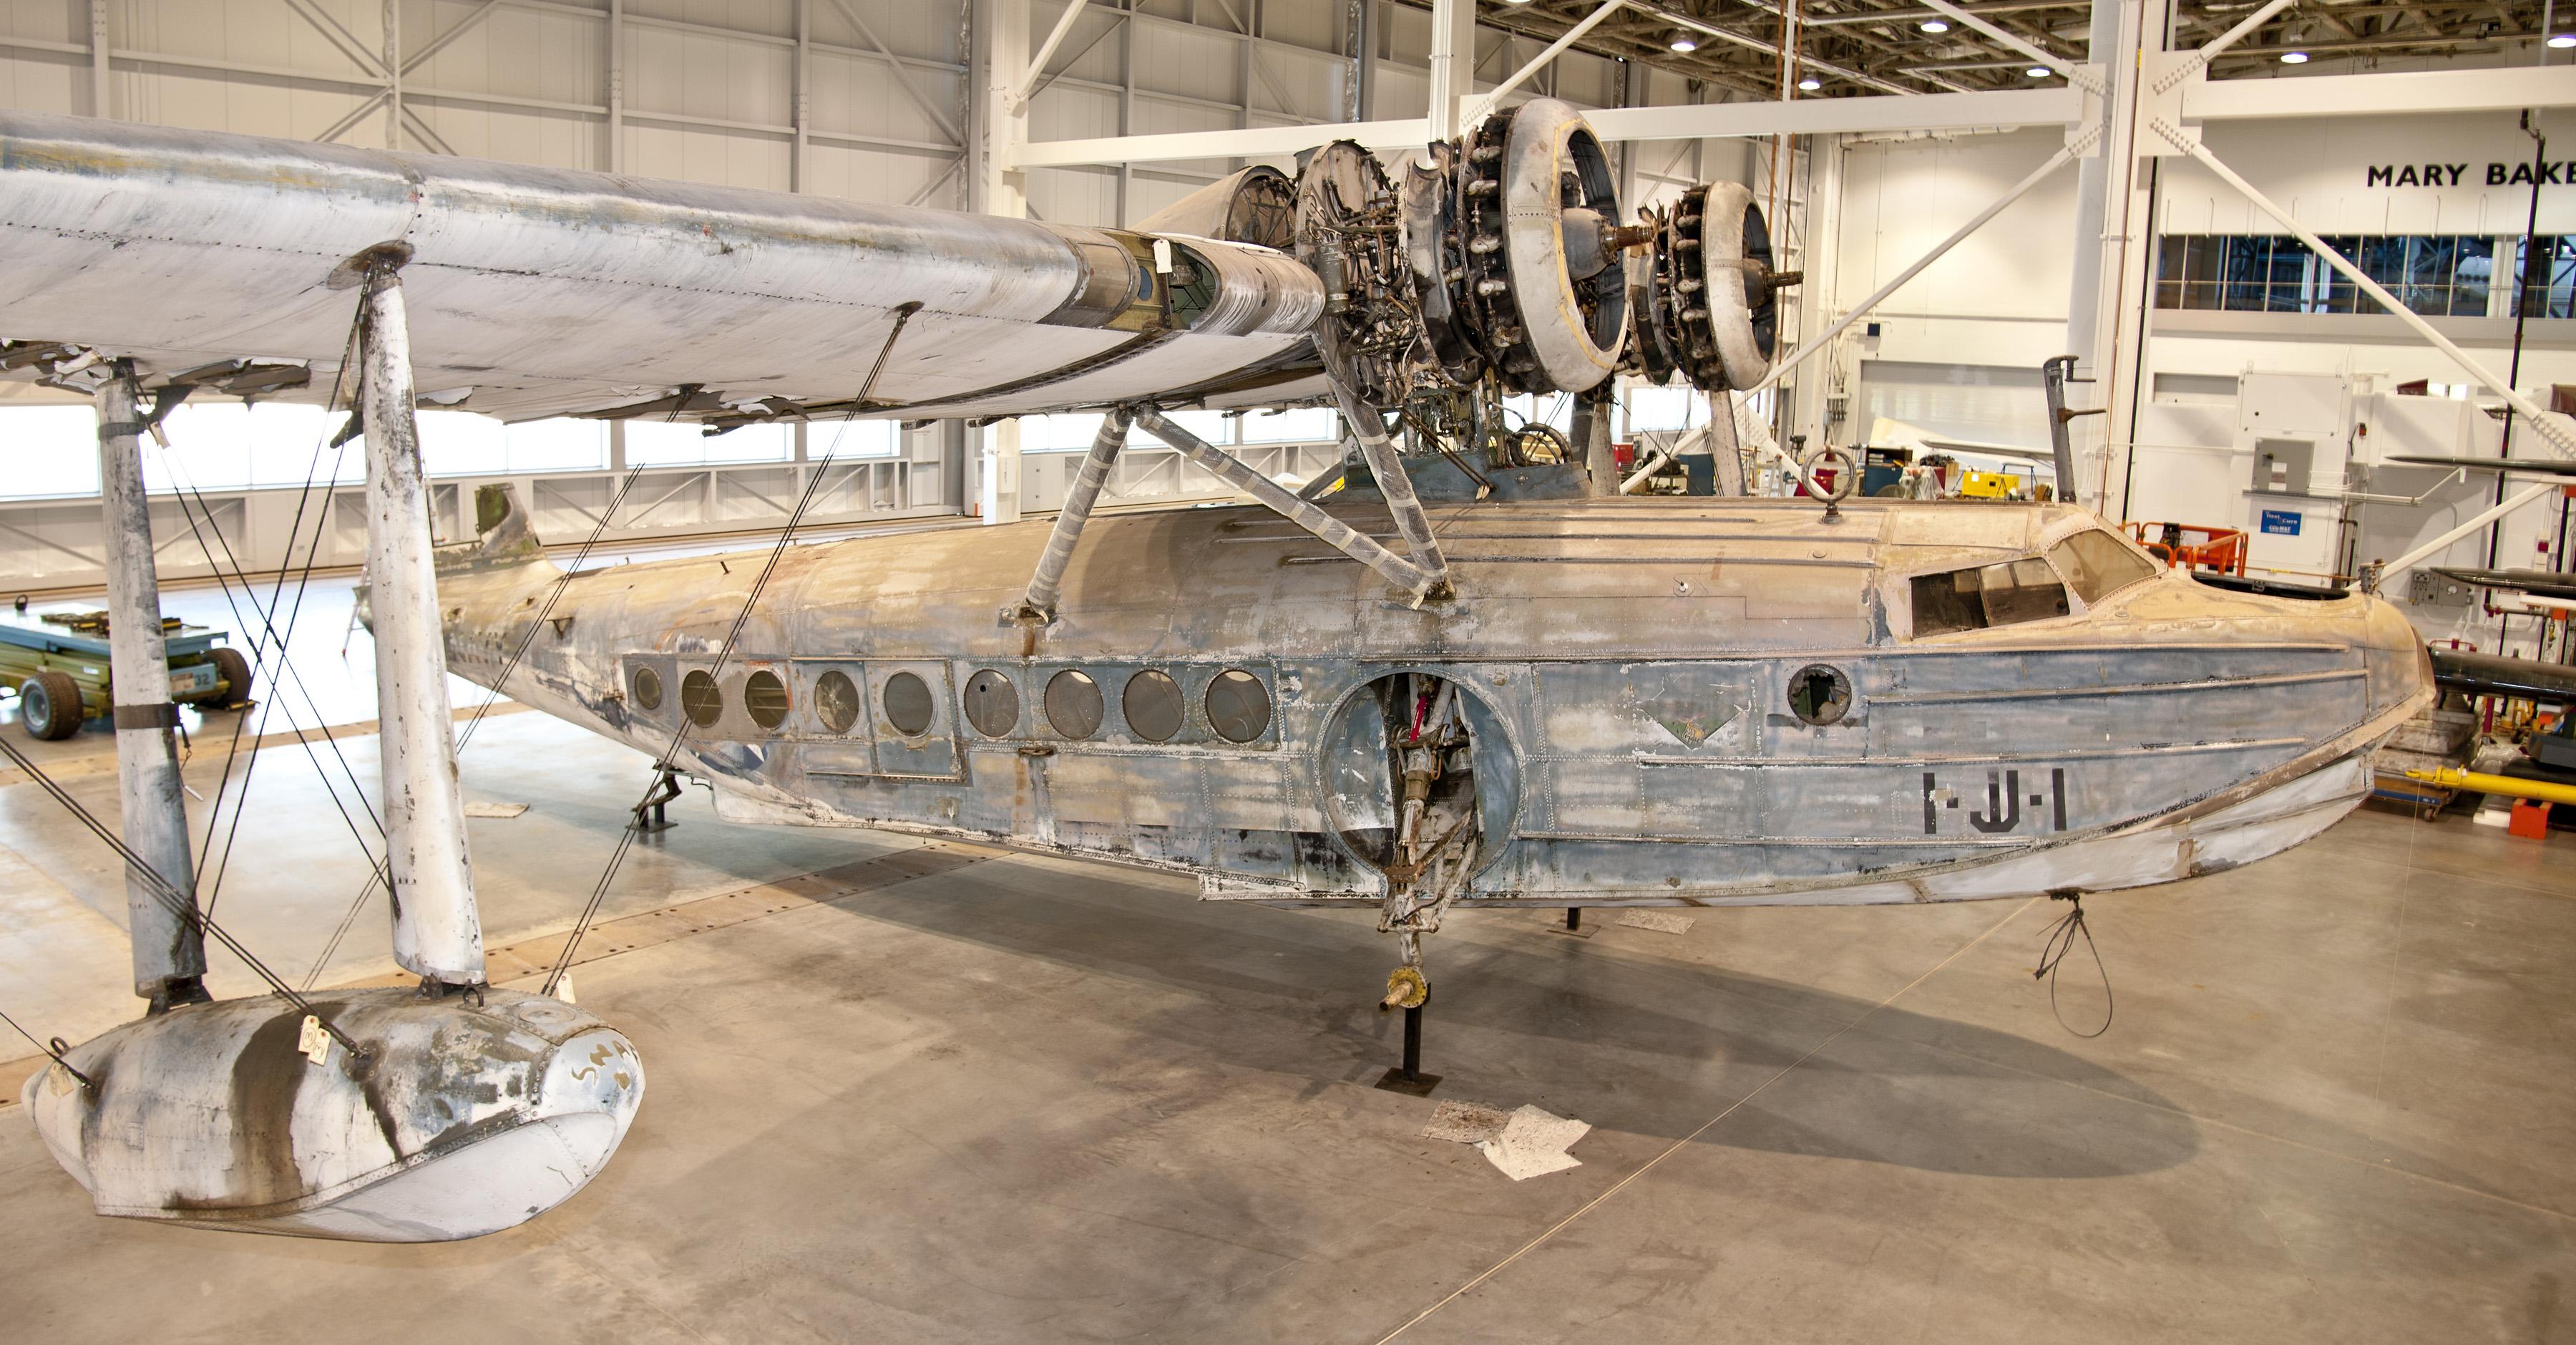 Sikorsky JRS-1 Assembly - Floats